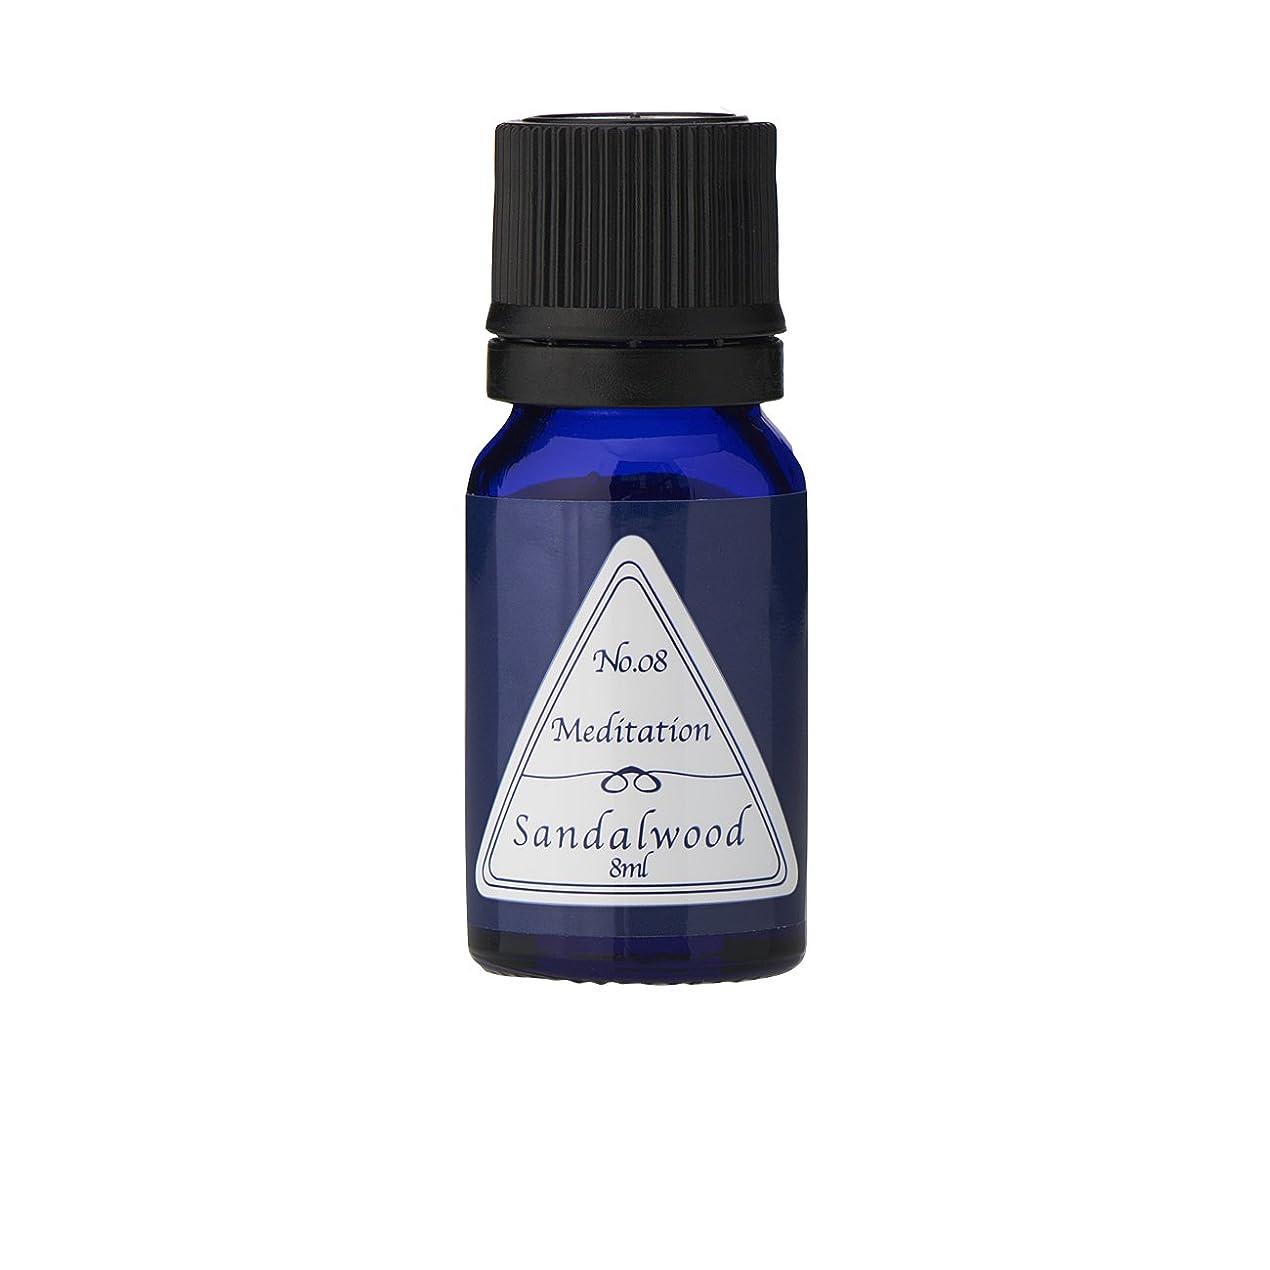 抽出発生する人間ブルーラベル アロマエッセンス8ml サンダルウッド(アロマオイル 調合香料 芳香用)